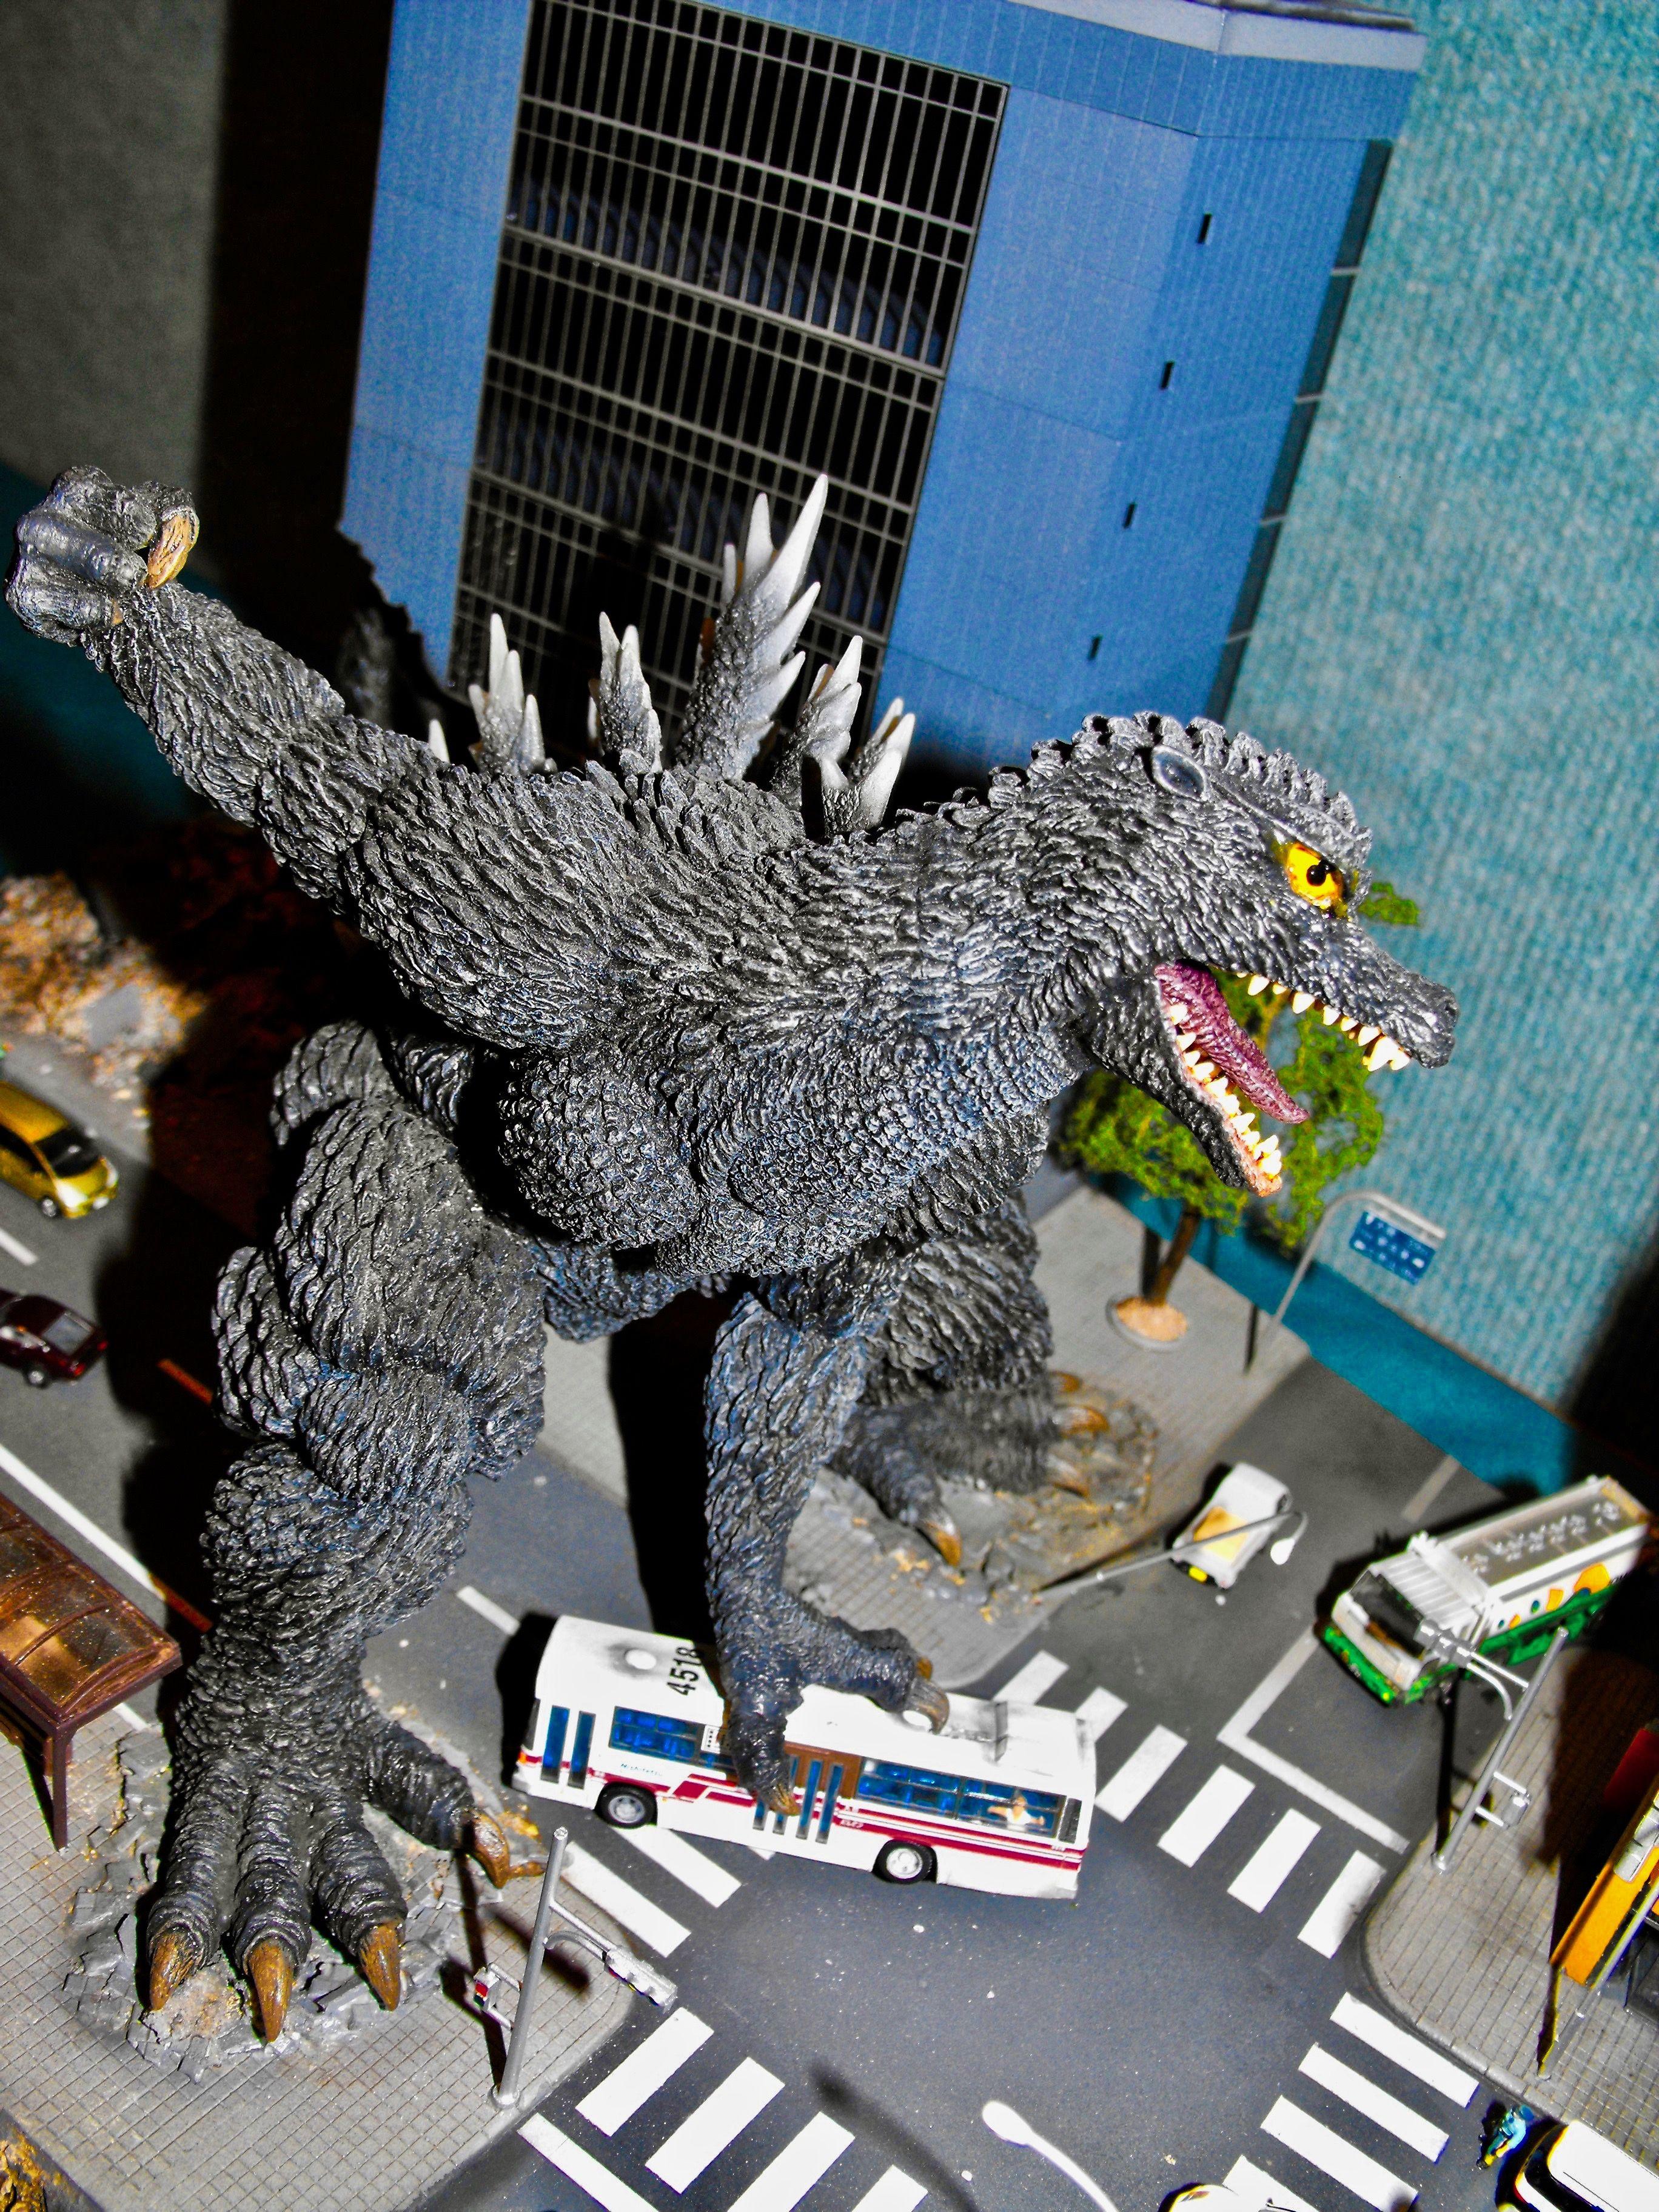 Godzilla from GODZILLA FINAL WARS (2004) Godzilla, Lion